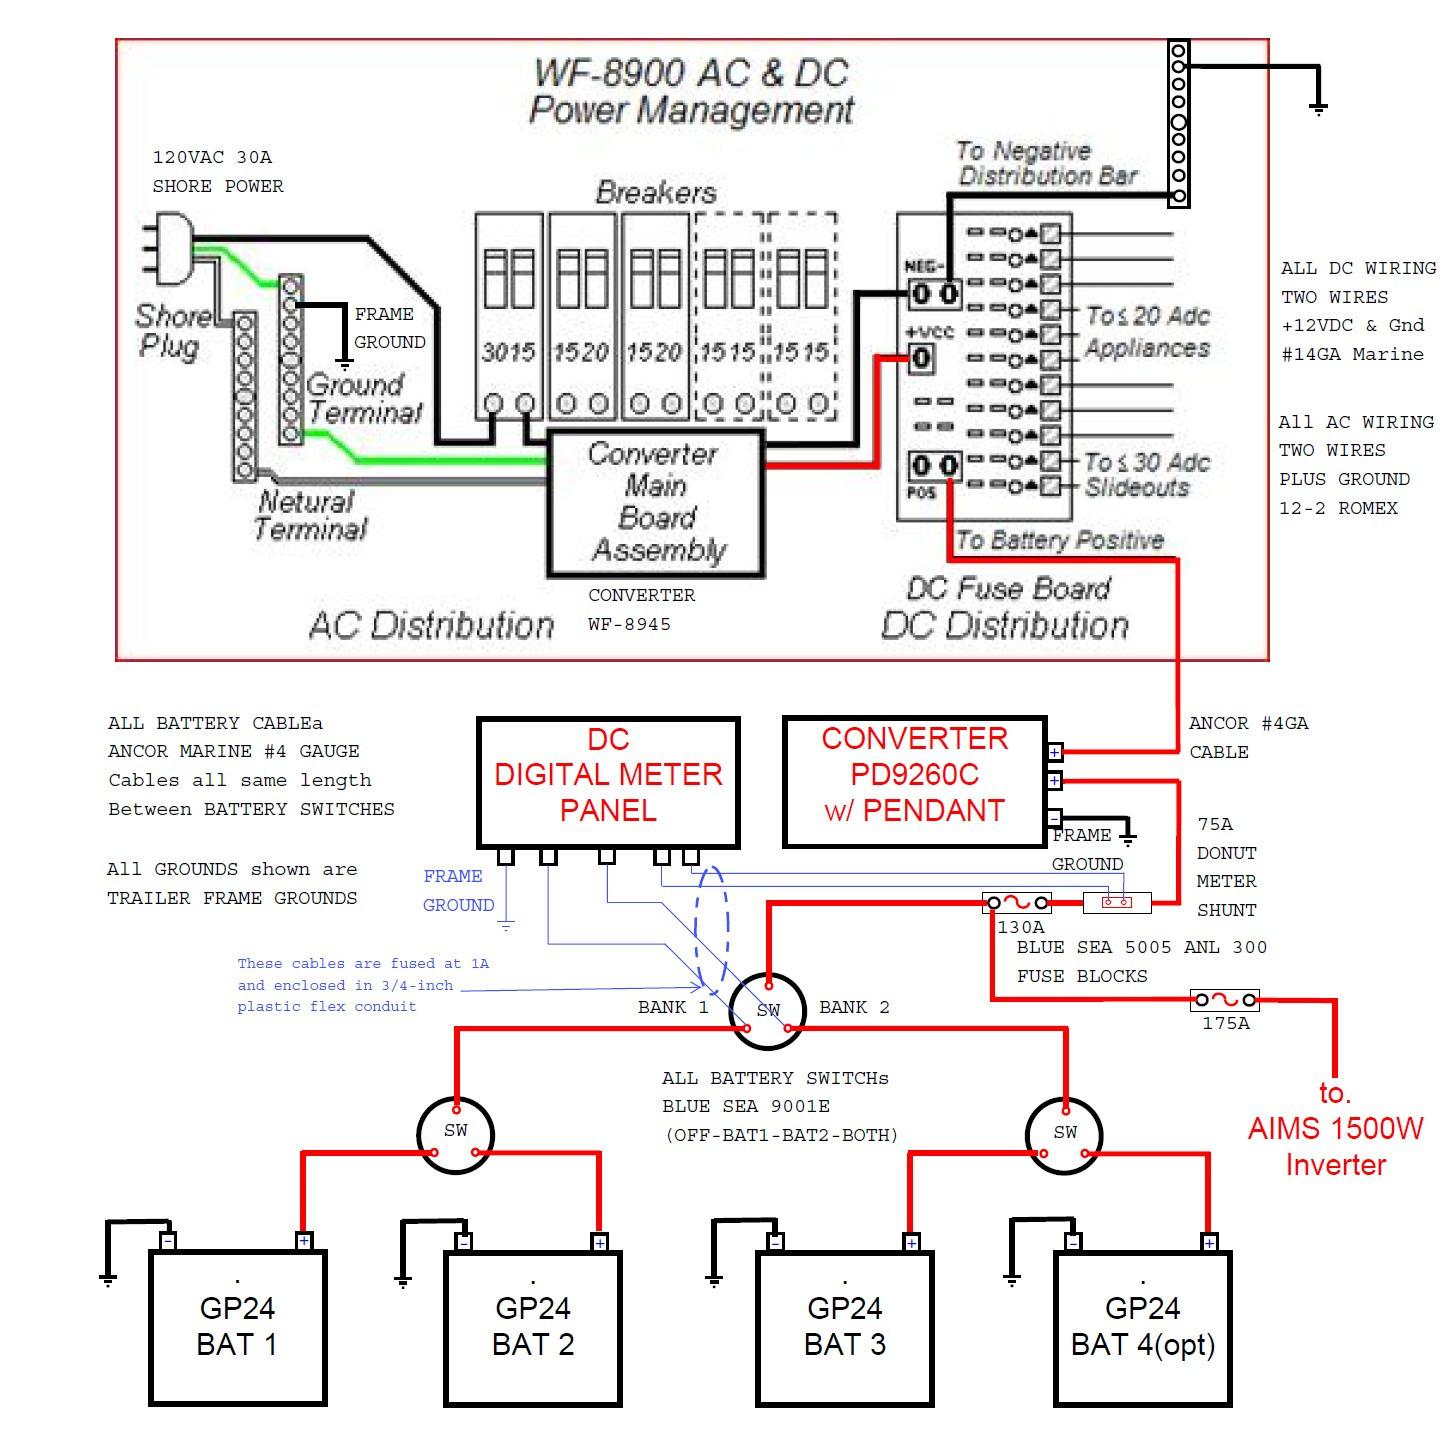 30A 250V Plug Wiring Diagram Free Downloads 30A 250V Plug Wiring - 20A 250V Plug Wiring Diagram